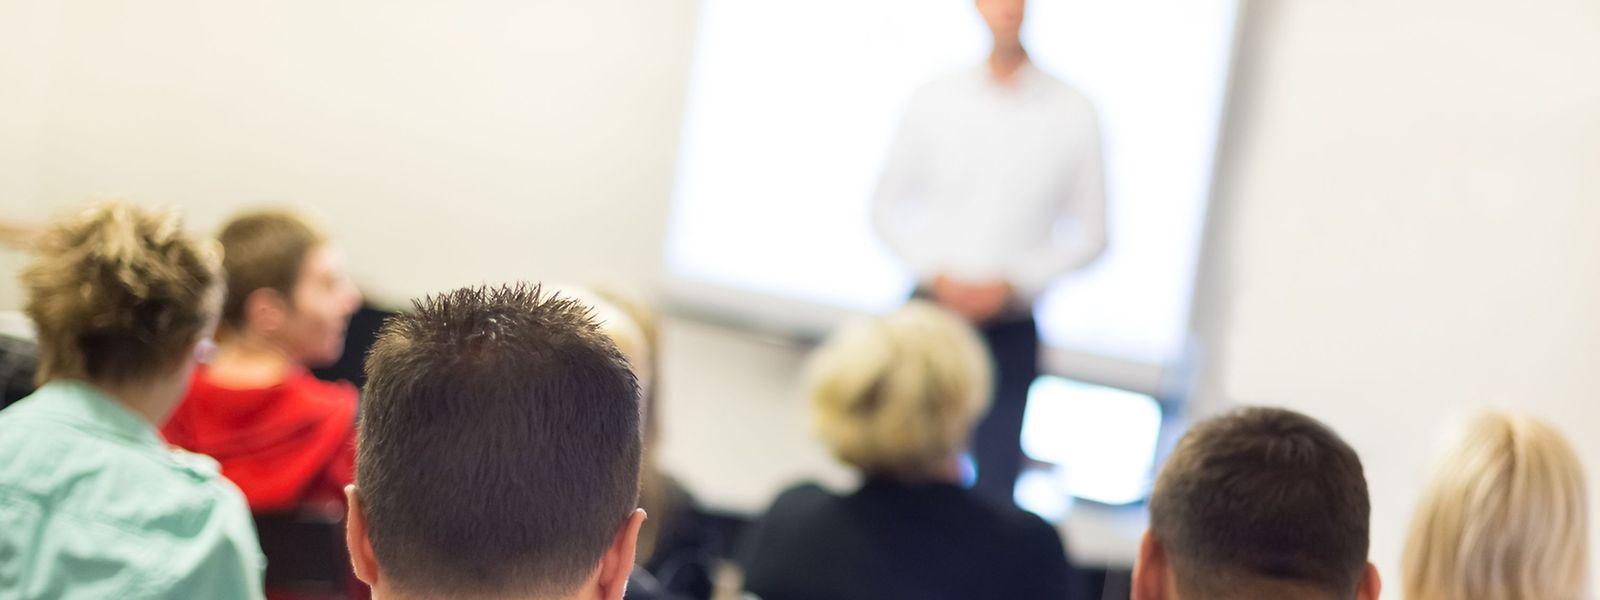 """Nach einem Studium an der """"ISEC-Hochschule der Wirtschaft"""" verfügen Arbeitnehmer nicht nur über einen international anerkannten Studienabschluss, sondern auch über weitere Berufserfahrung. Allerdings wird ihnen auch sehr viel persönliches Engagement abverlangt."""